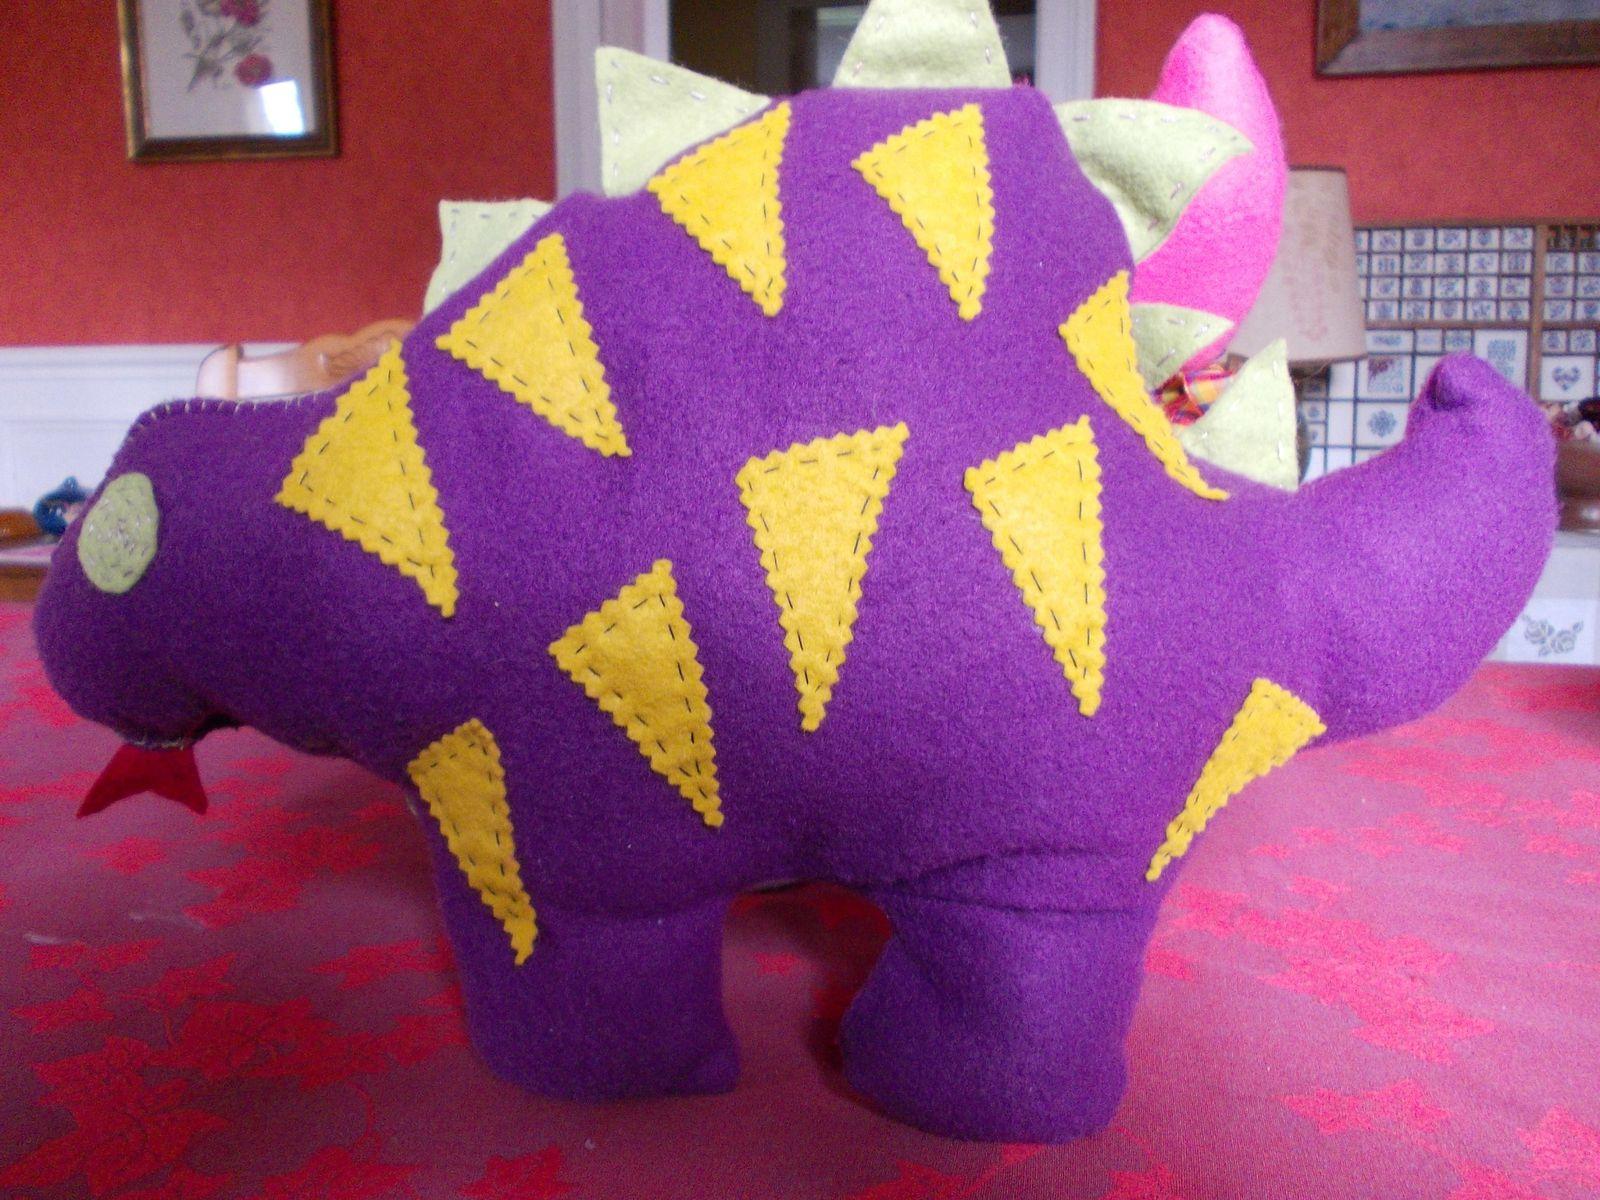 Un coussin dinosaure pour mon petit-fils Alban - merci à Cigalette pour le modèle (blog http://lesbricolesdecigalette.over-blog.com ) et le coussin chat pour ma petite fille, créa lili